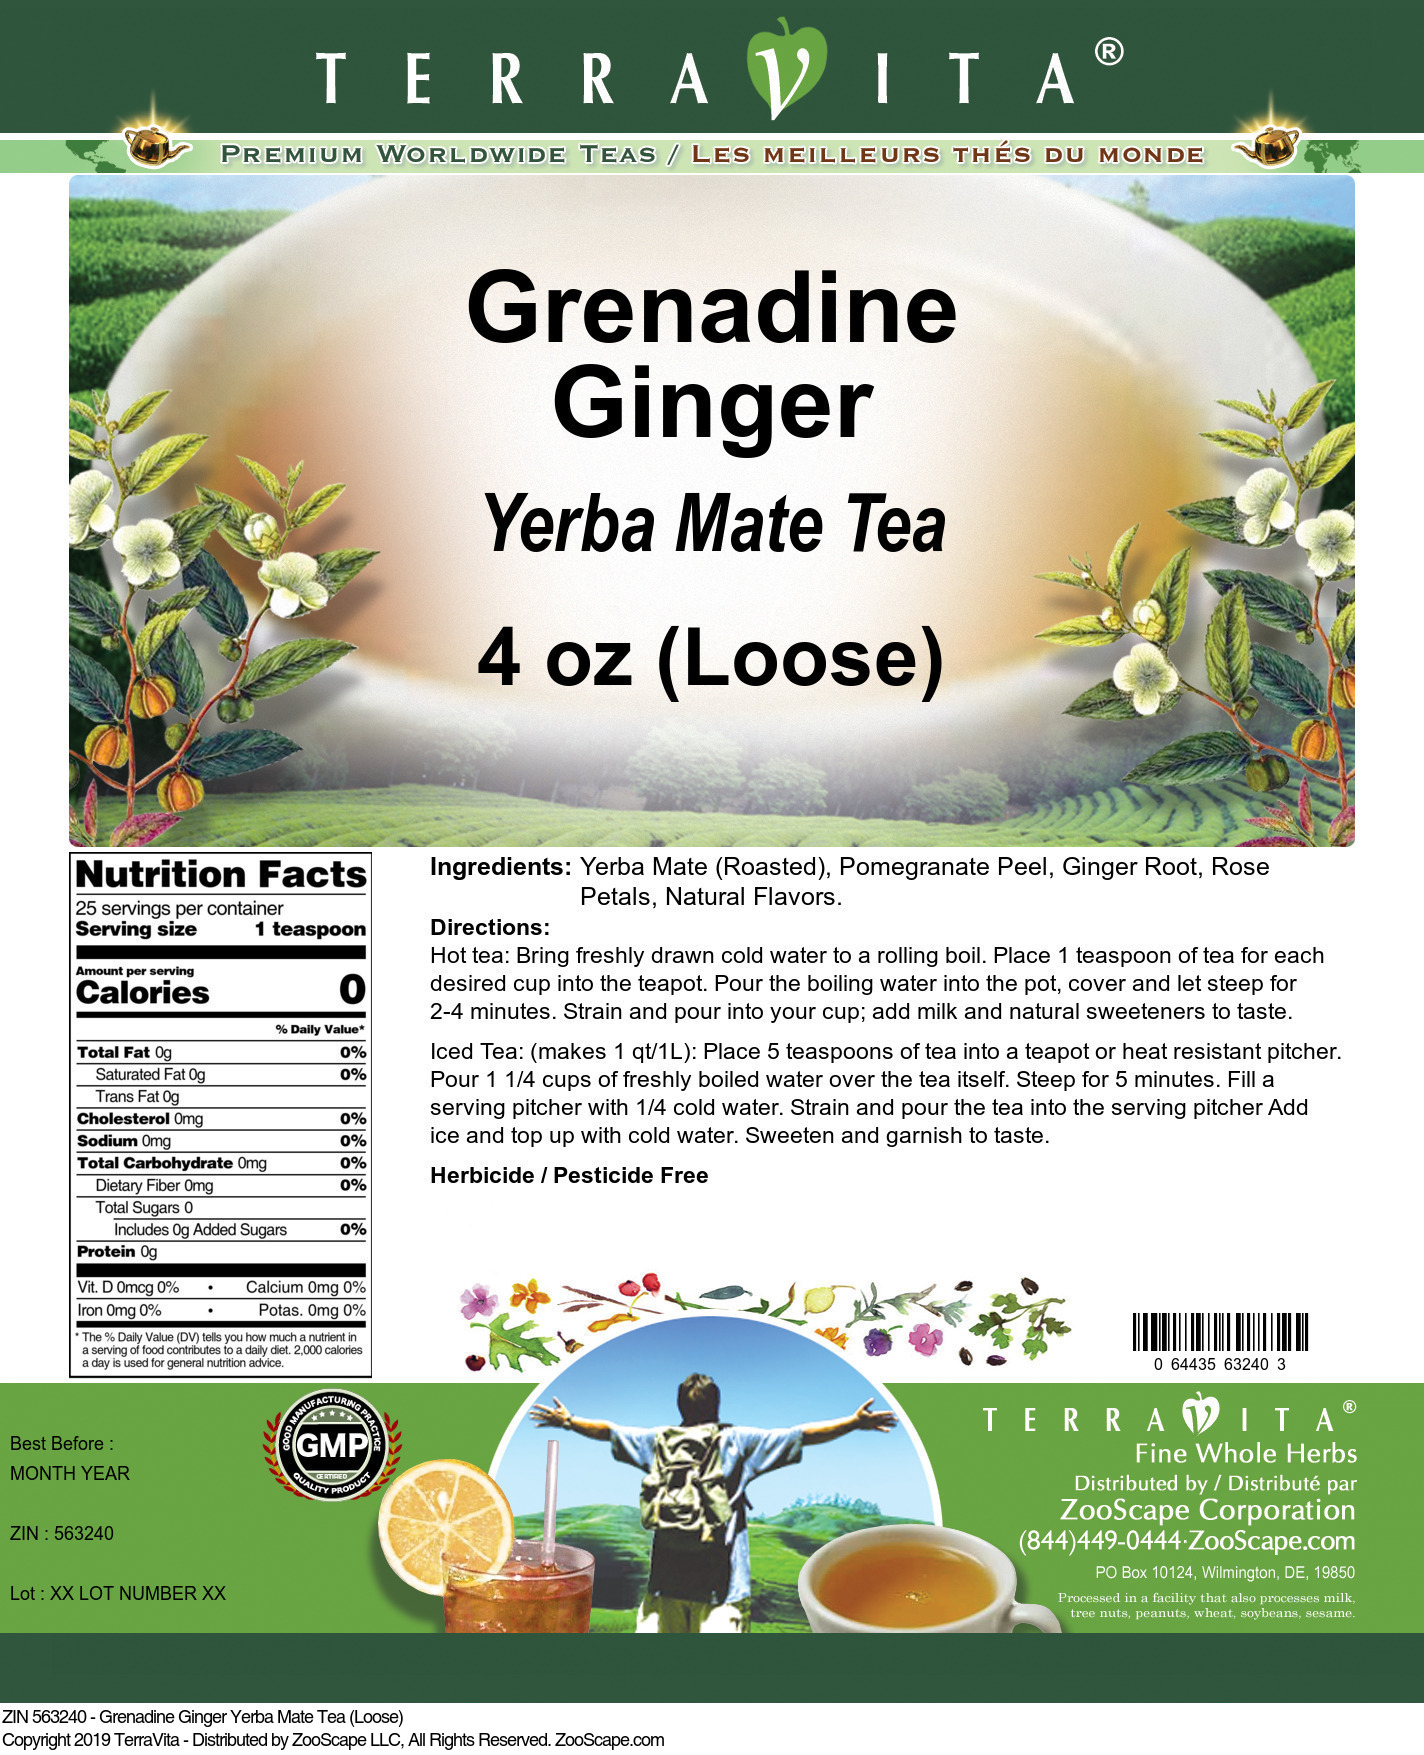 Grenadine Ginger Yerba Mate Tea (Loose)